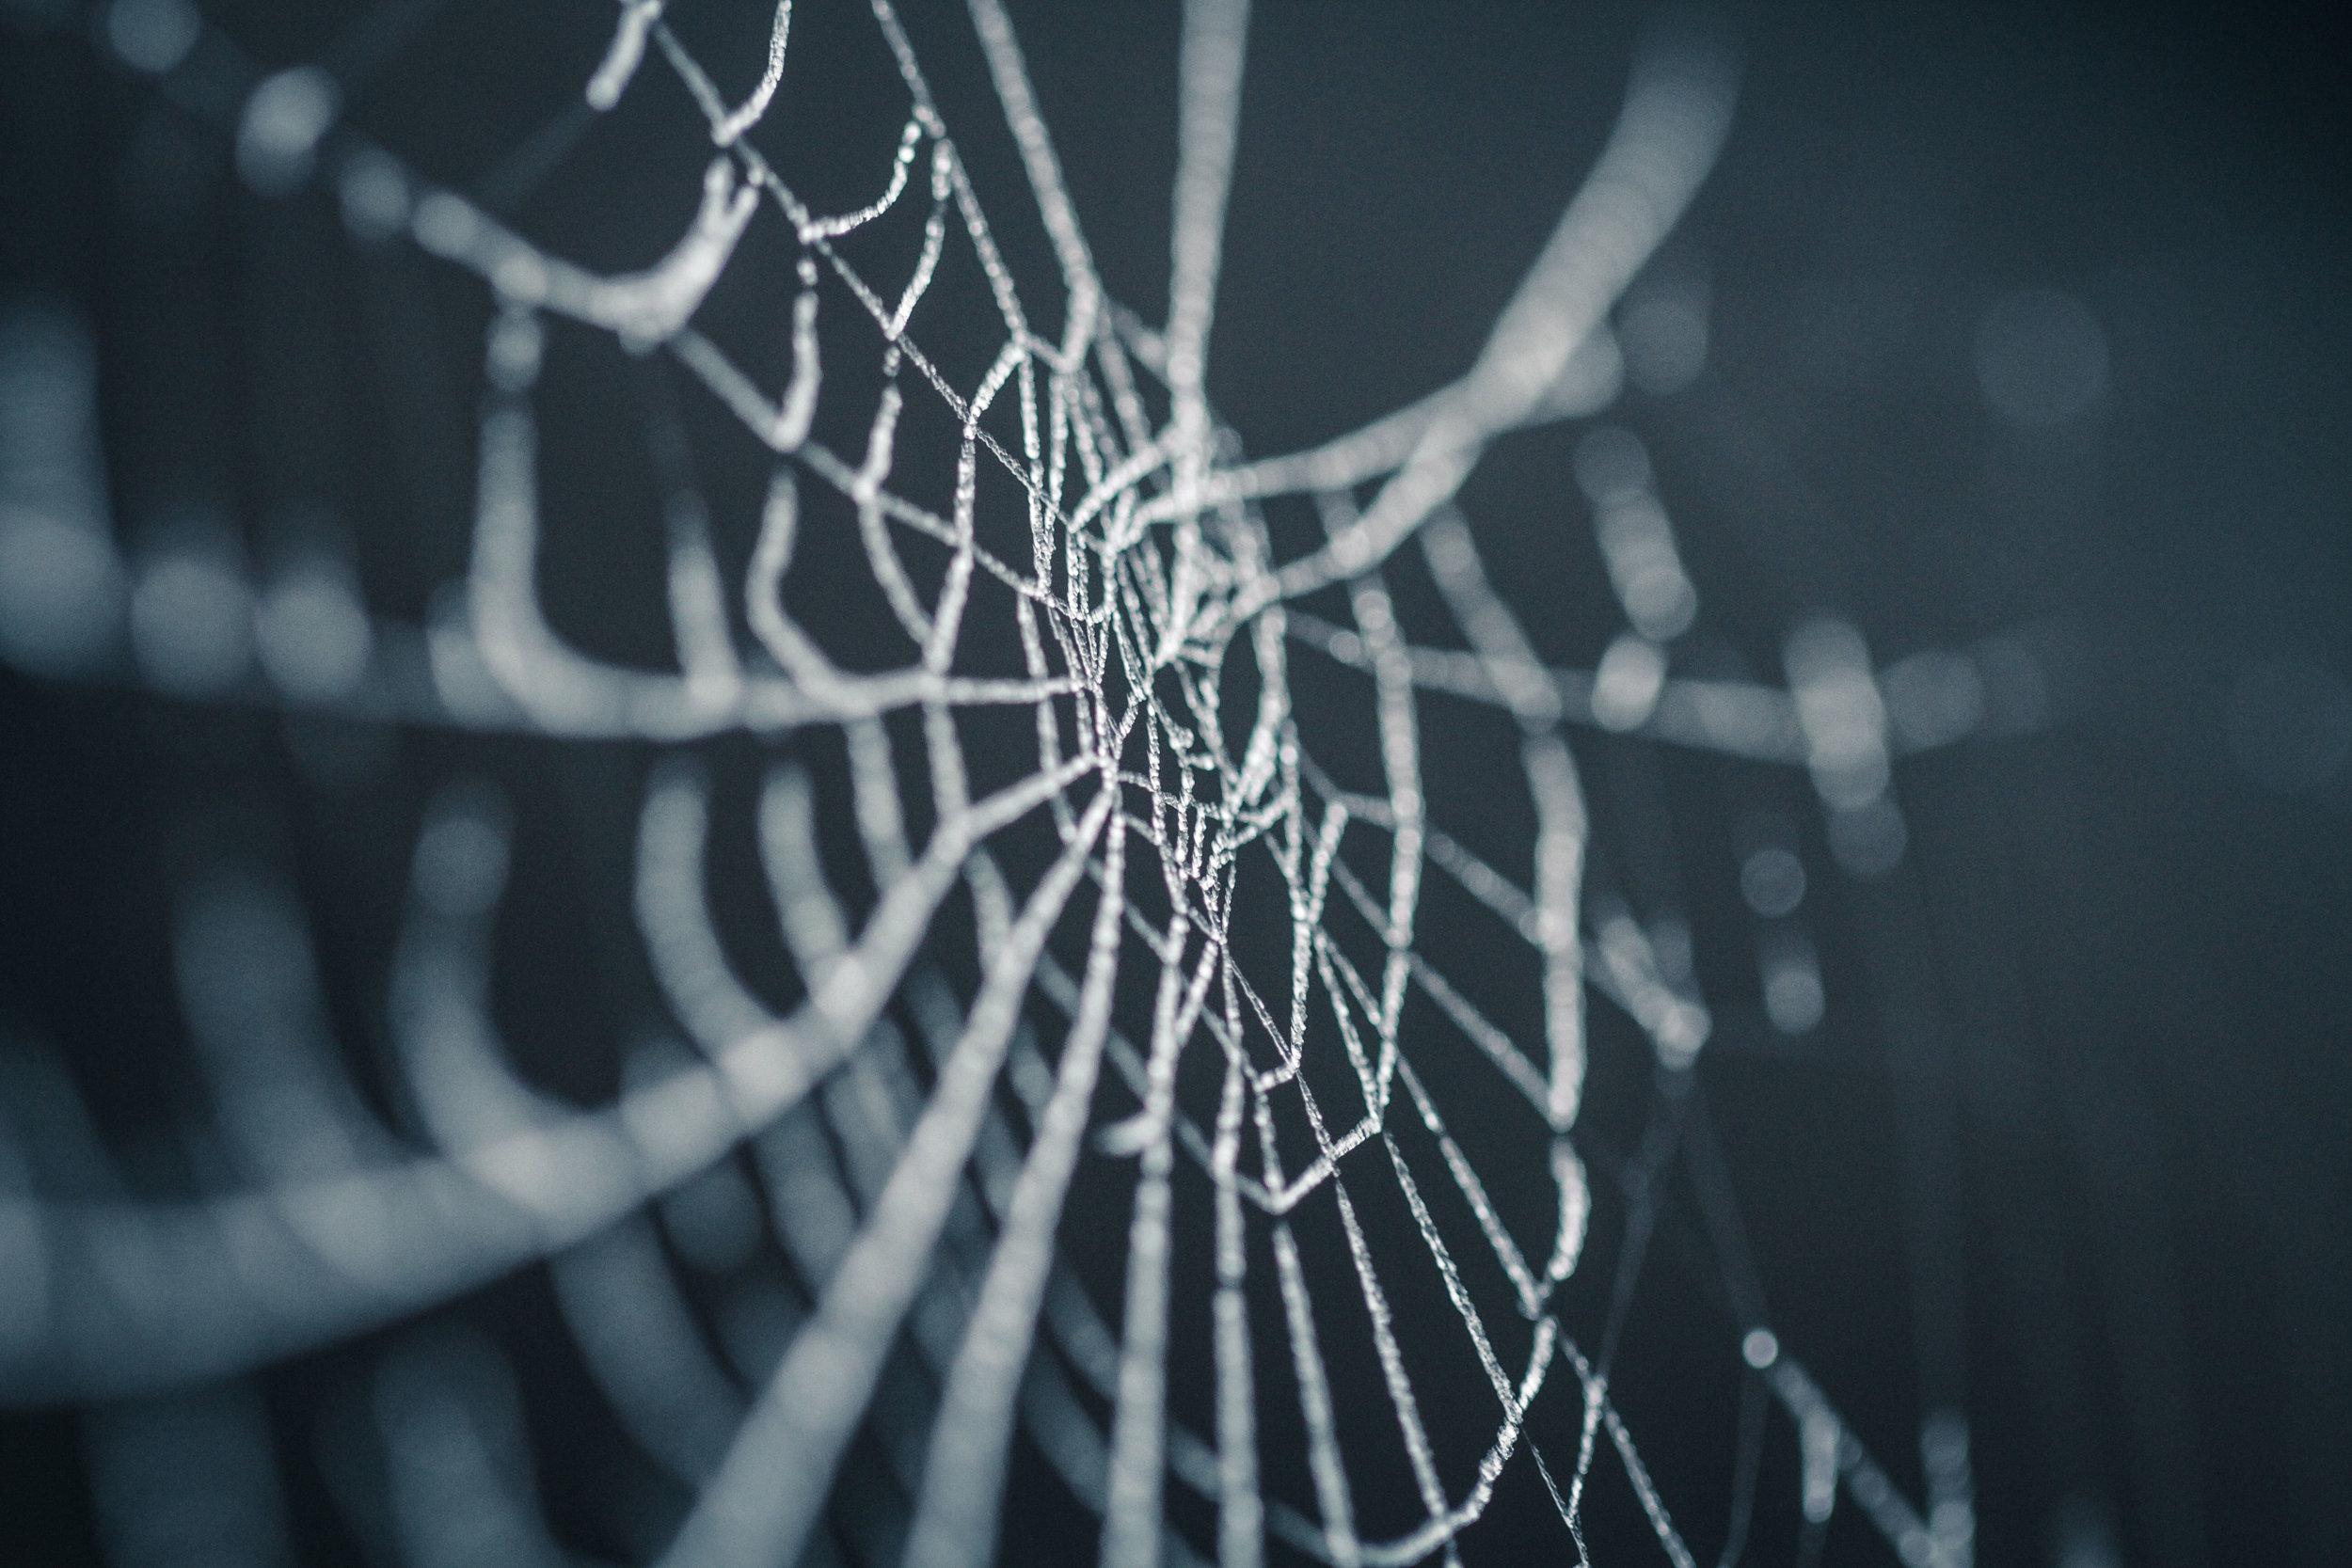 ¿Vive una araña en esta telaraña?